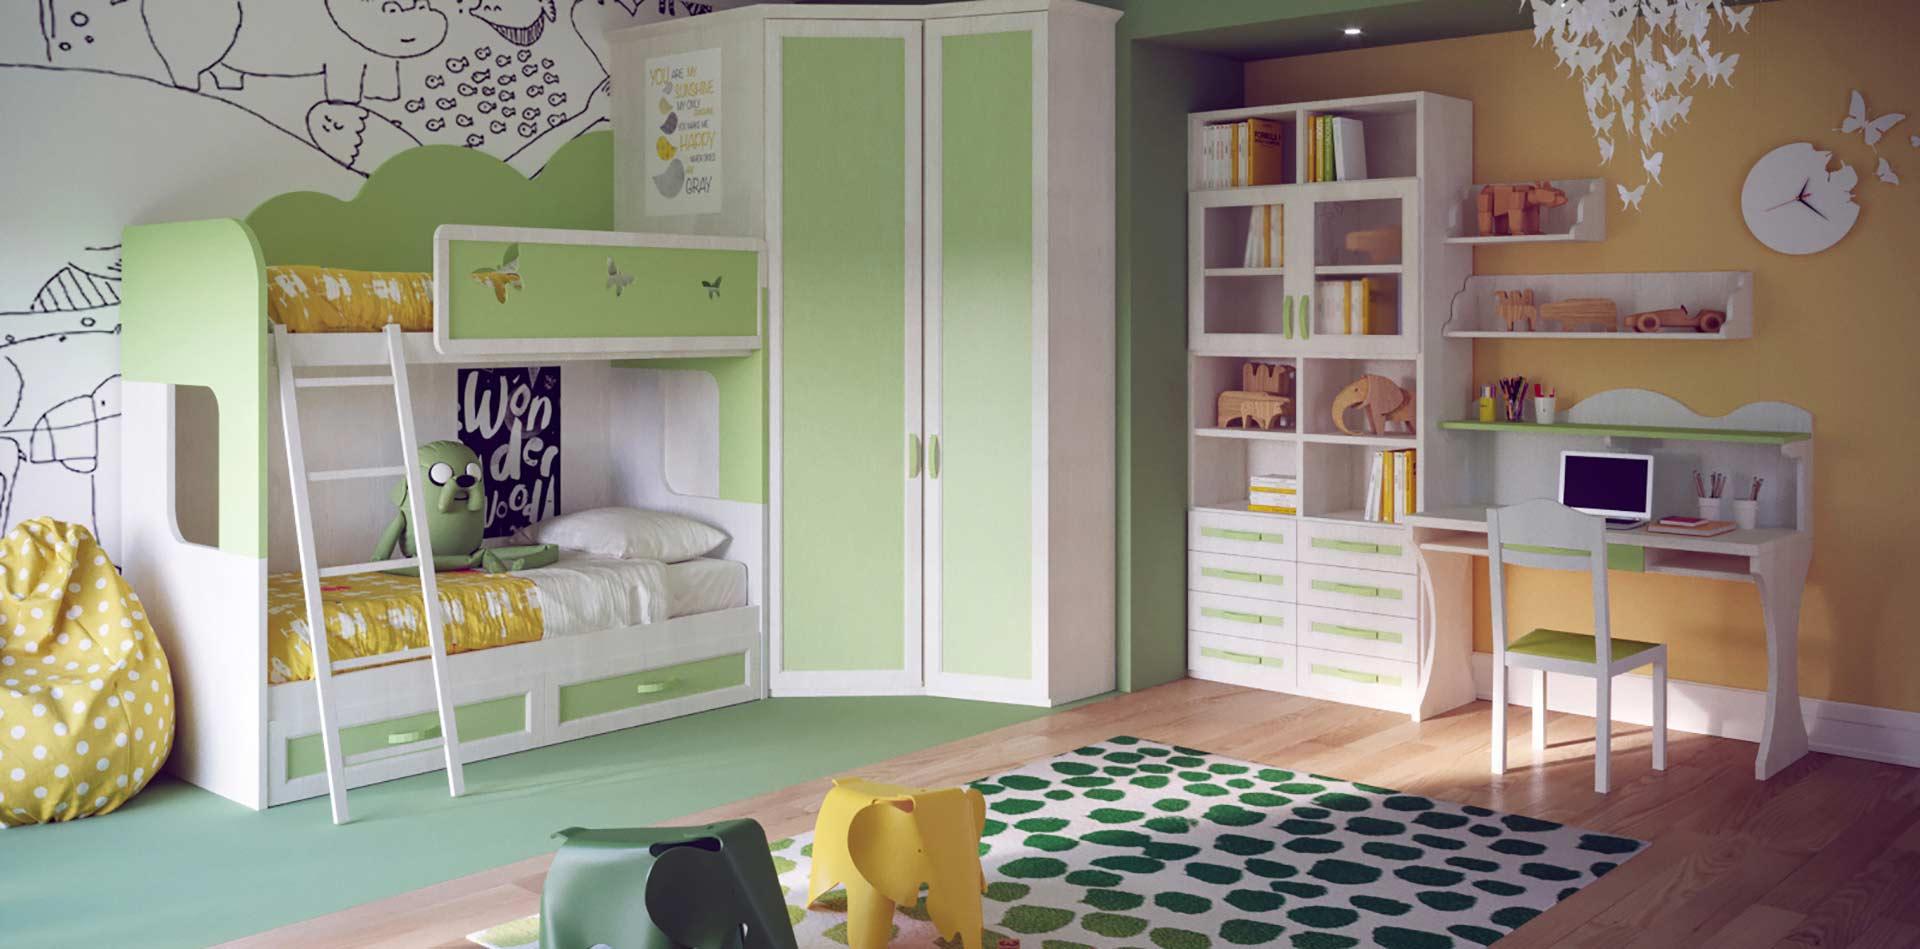 Cameretta per bambini con cabina armadio colore bianco e verde class 06 mondo camerette - Cabina armadio per cameretta ...